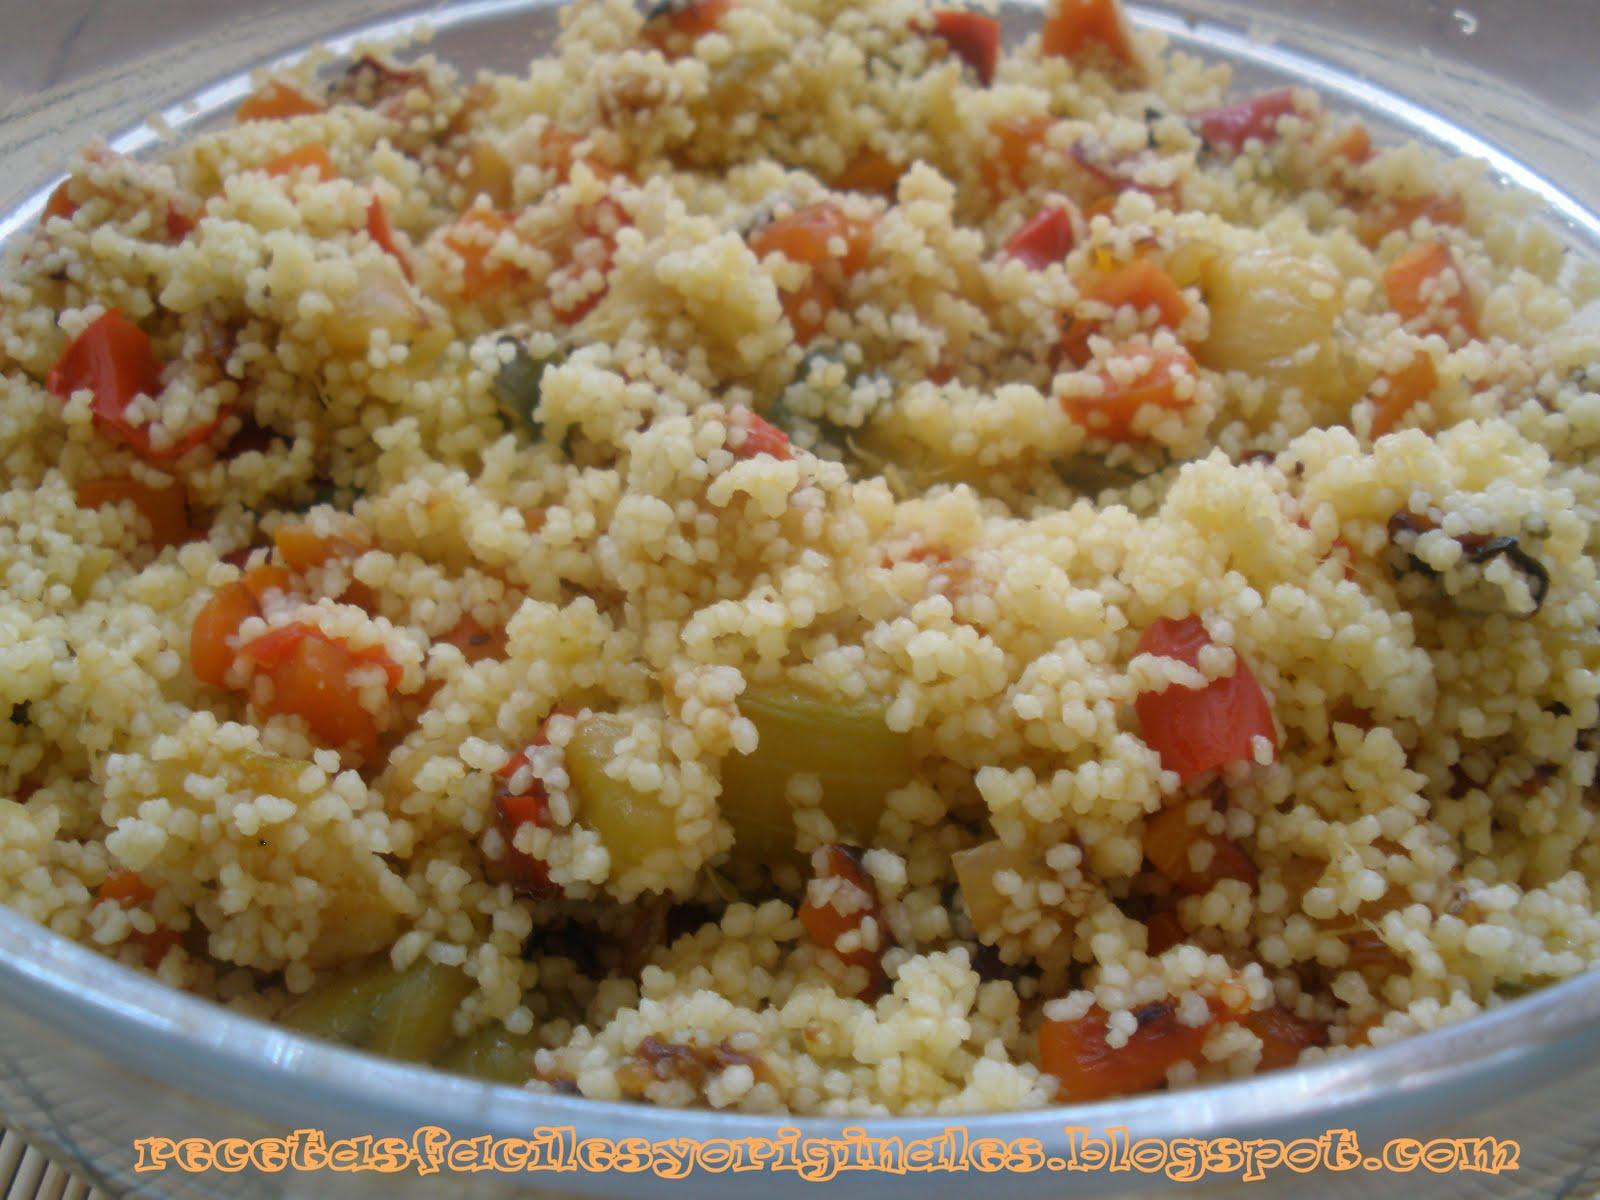 Recetas de cocina f ciles y originales cusc s con verduras - Rectas de cocina faciles ...